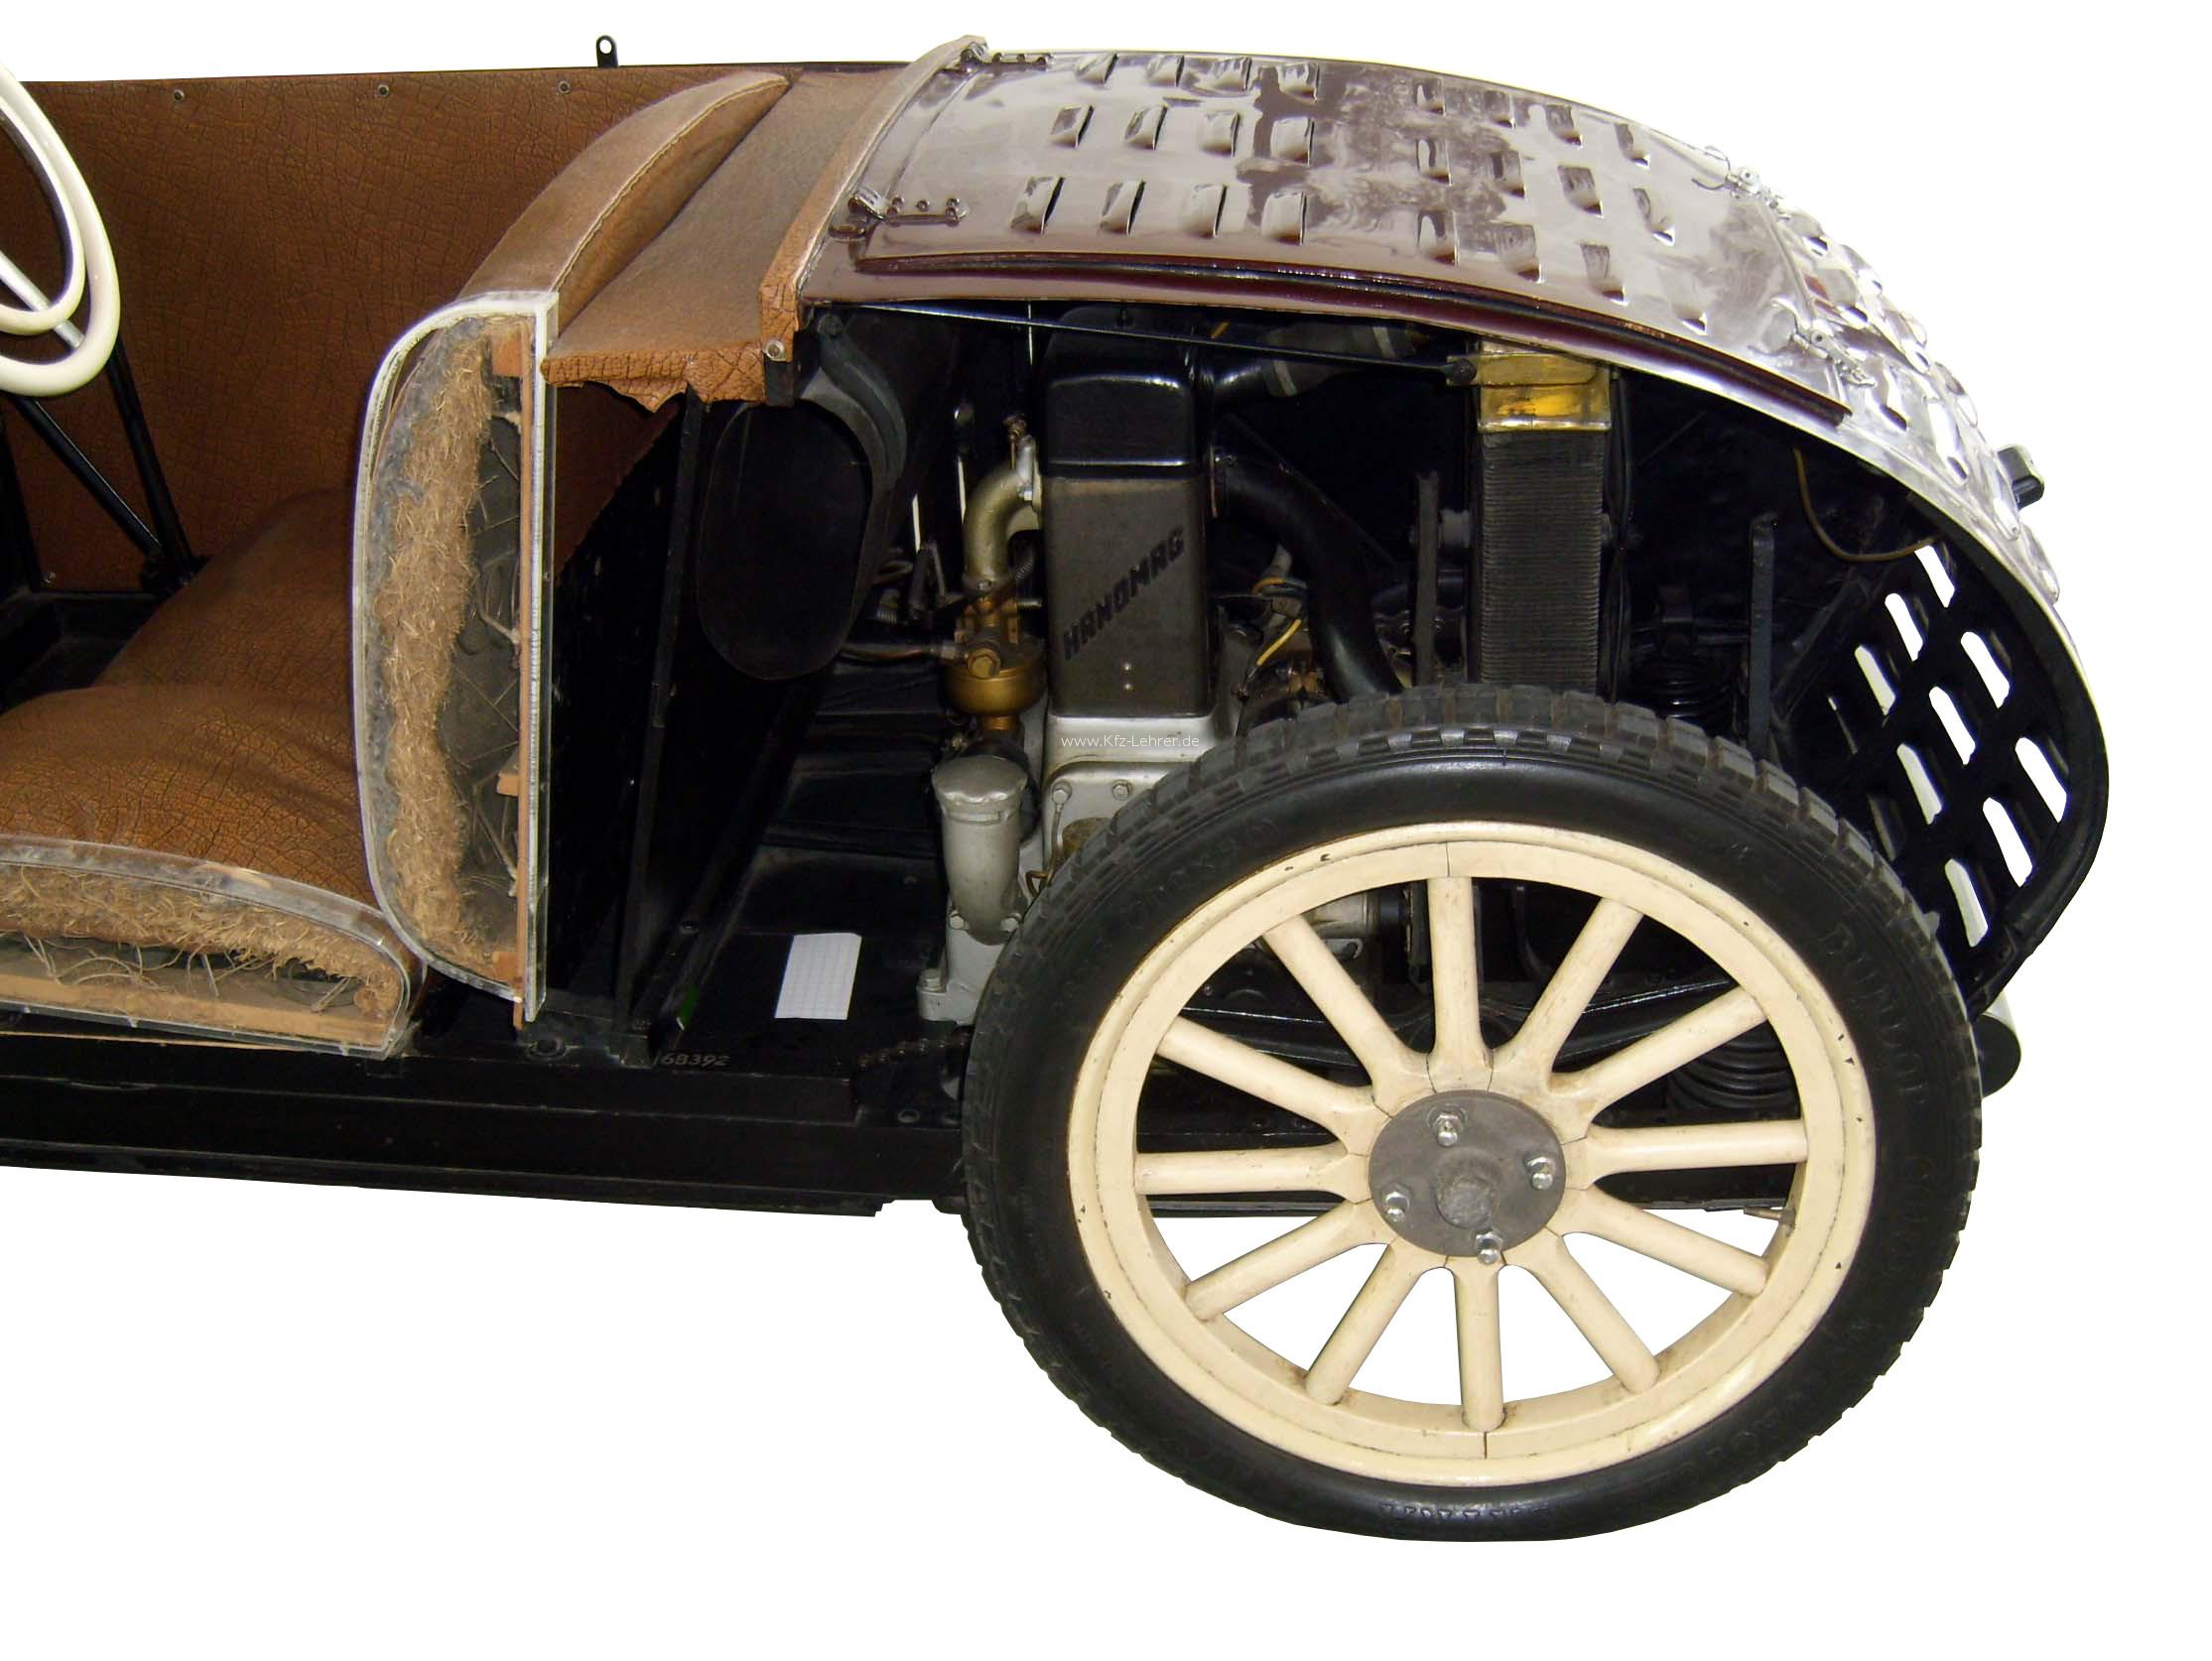 Zu sehen ist das Heck eines Hanomag Kleinwagen Schnittmodelles